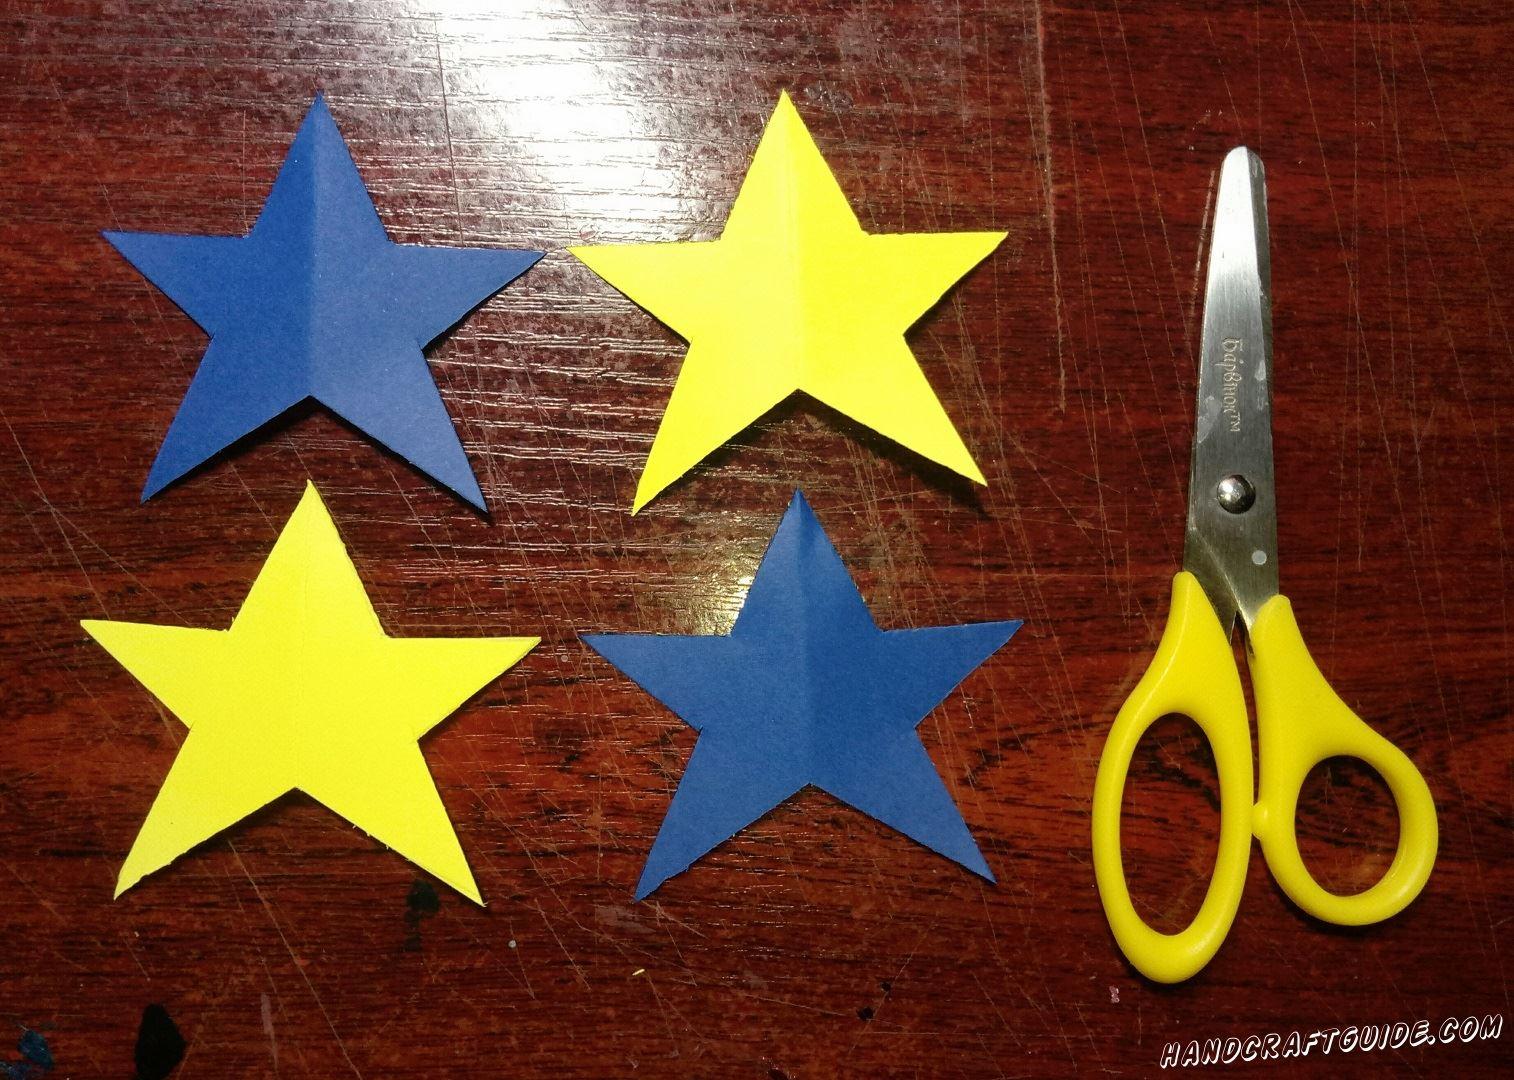 Вырезаем из бумаги четыре одинаковые звёздочки – две синие и две жёлтые